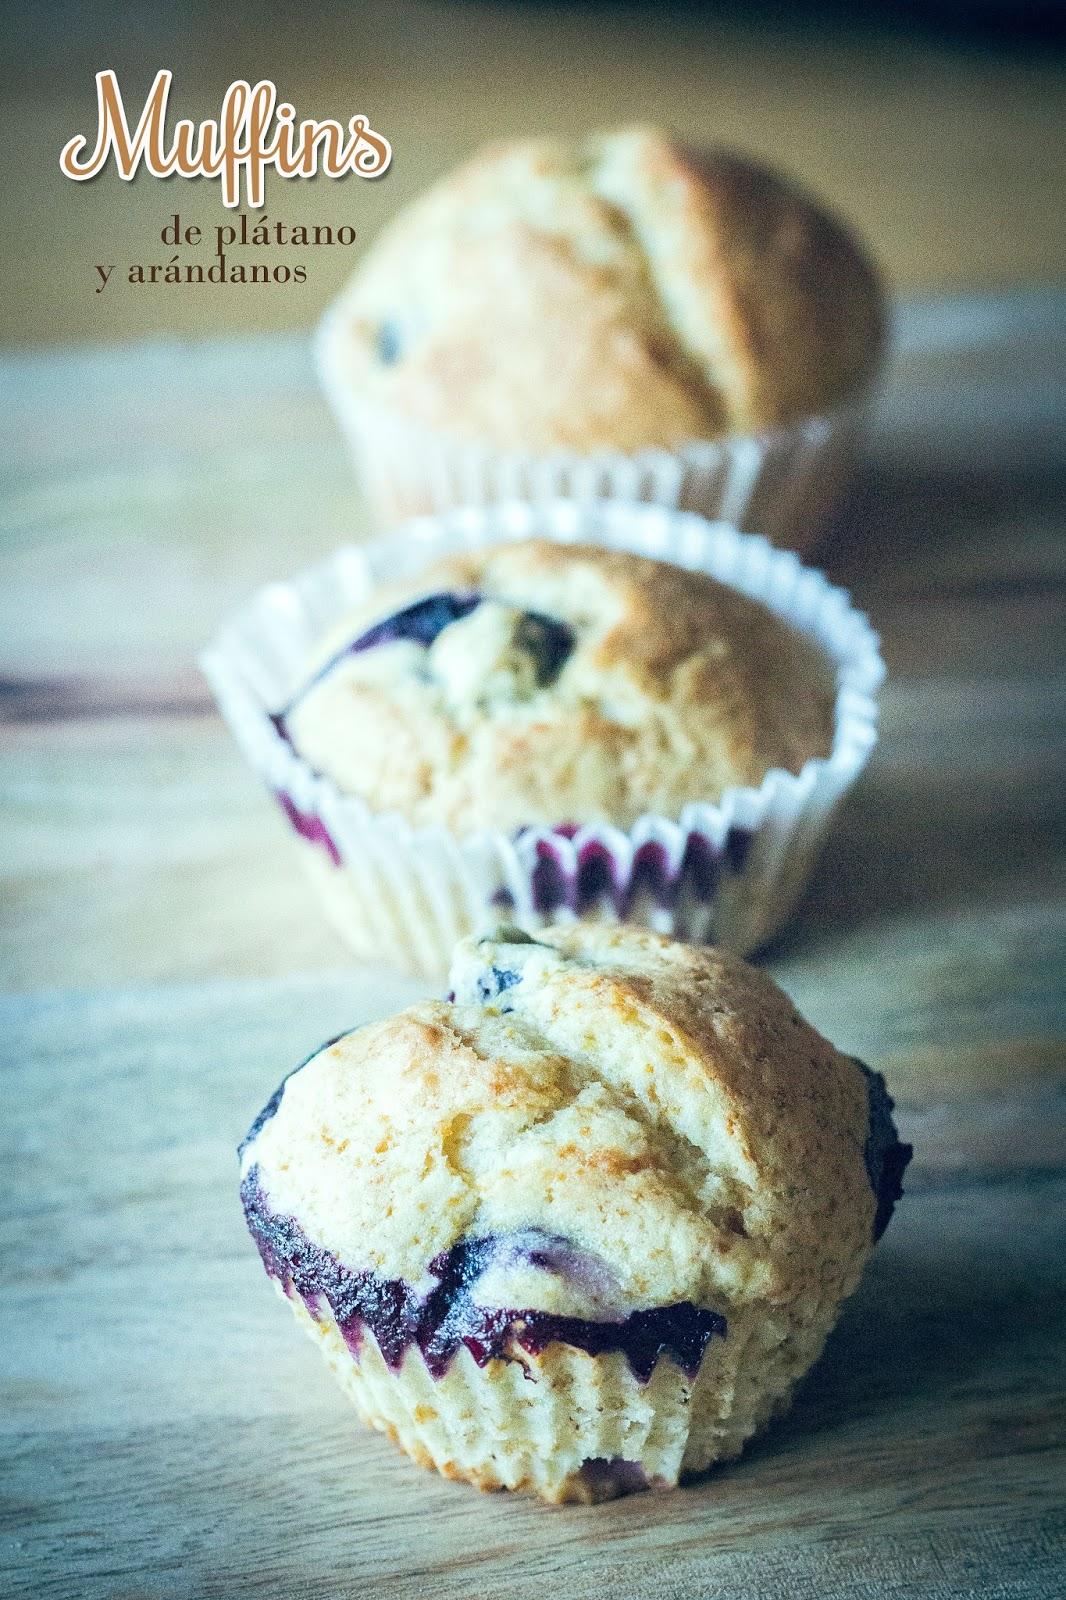 Cocina para novatos en tiempos de crisis muffins de platano con arandanos - Cocina para novatos ...